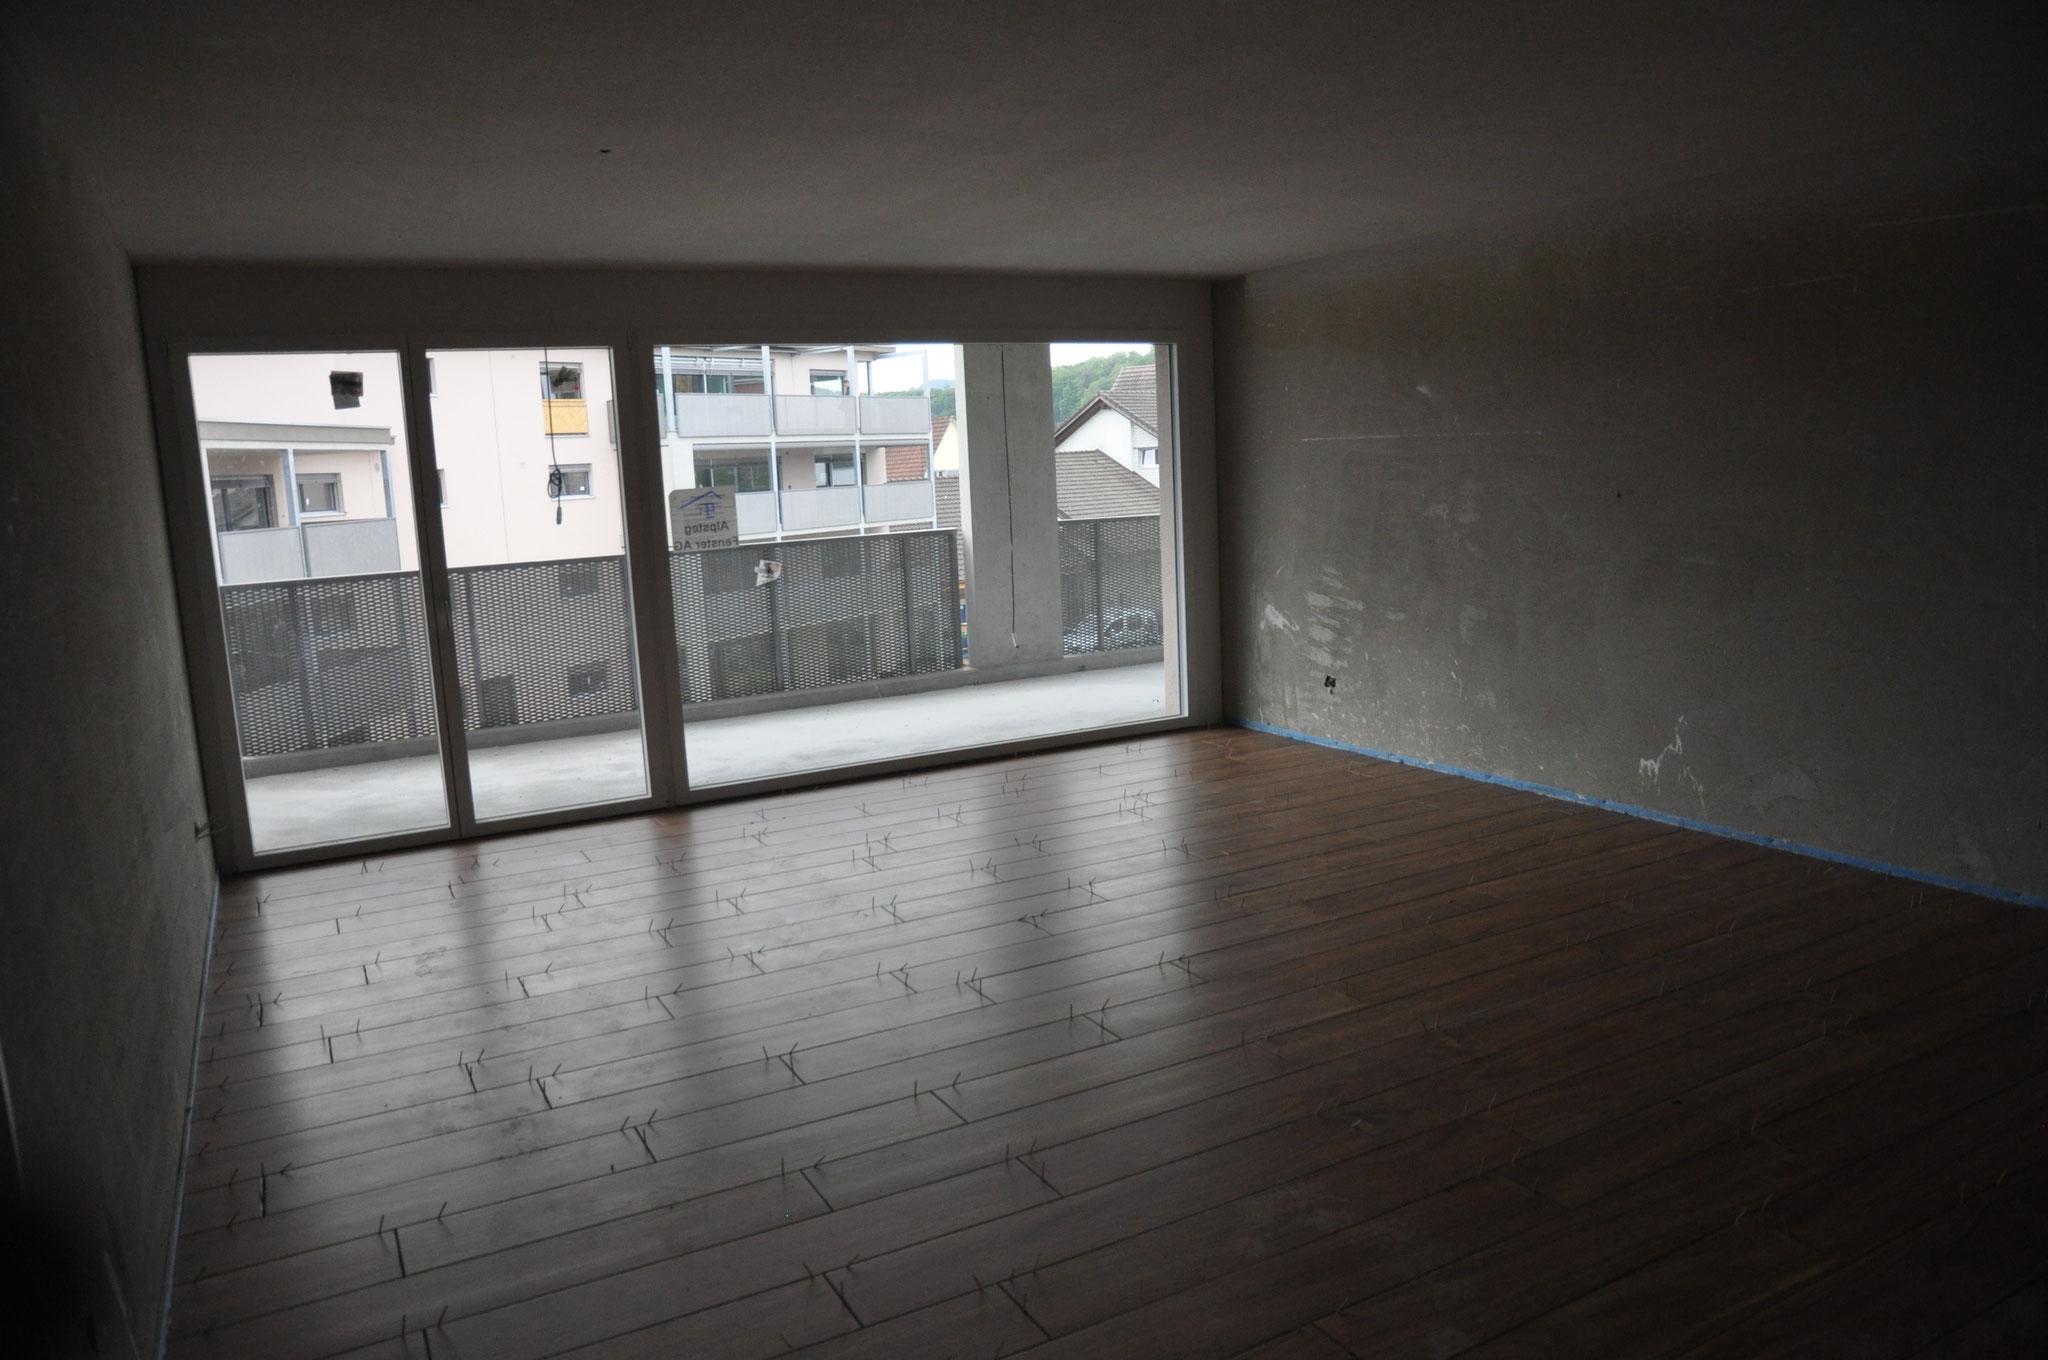 Innenausbau Wohnen 2,5 Zimmer Wohnung Einheit C (Mai 2016)